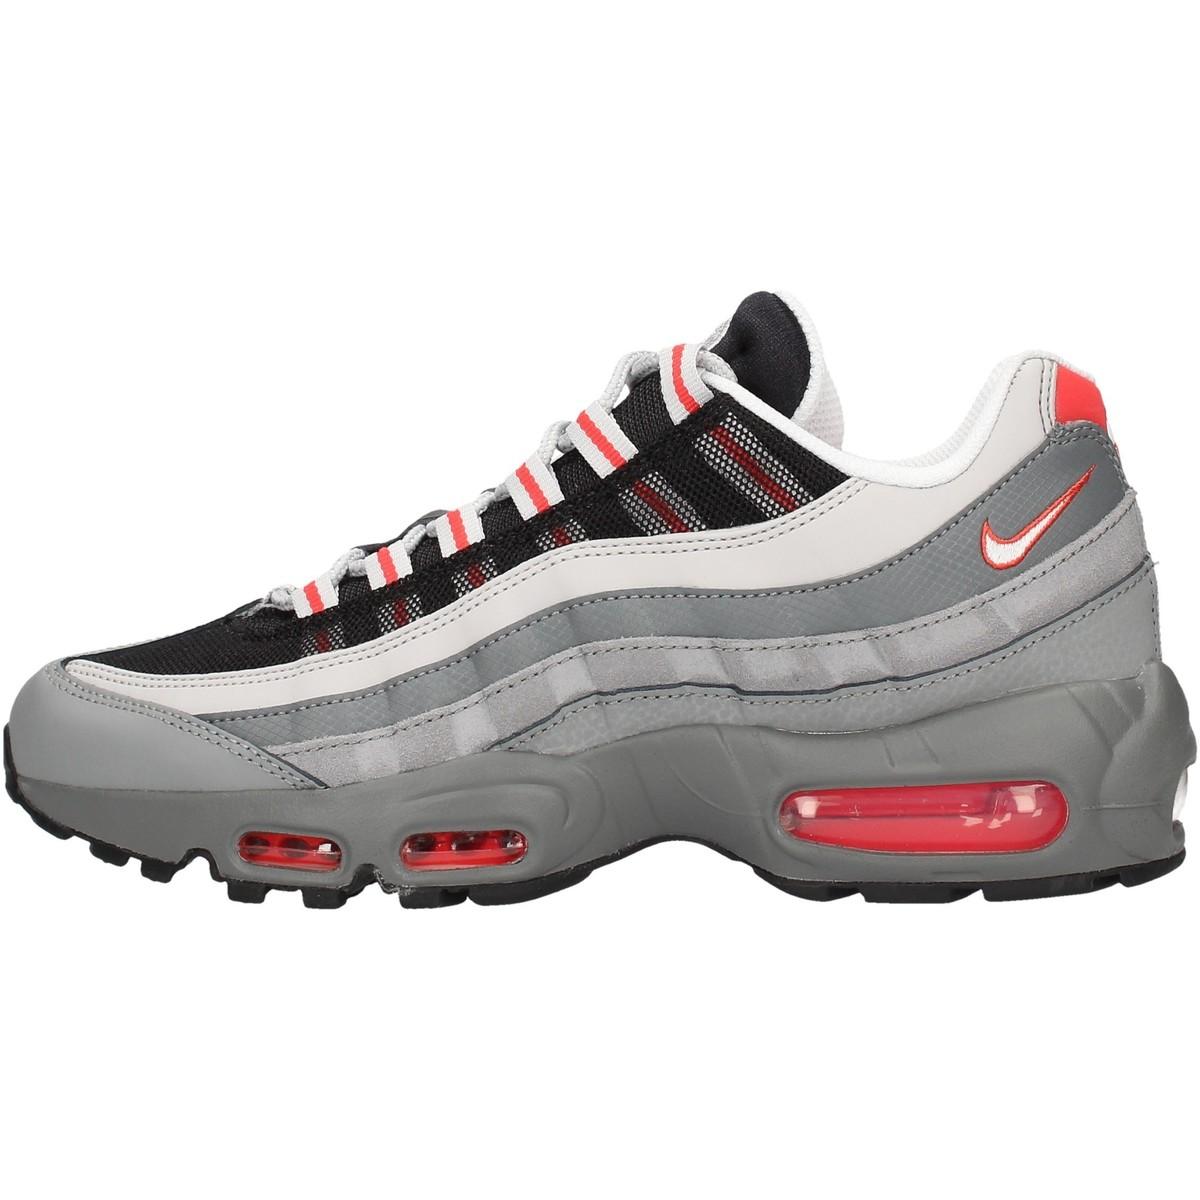 Nike Air Max 95 Essential - HOMME